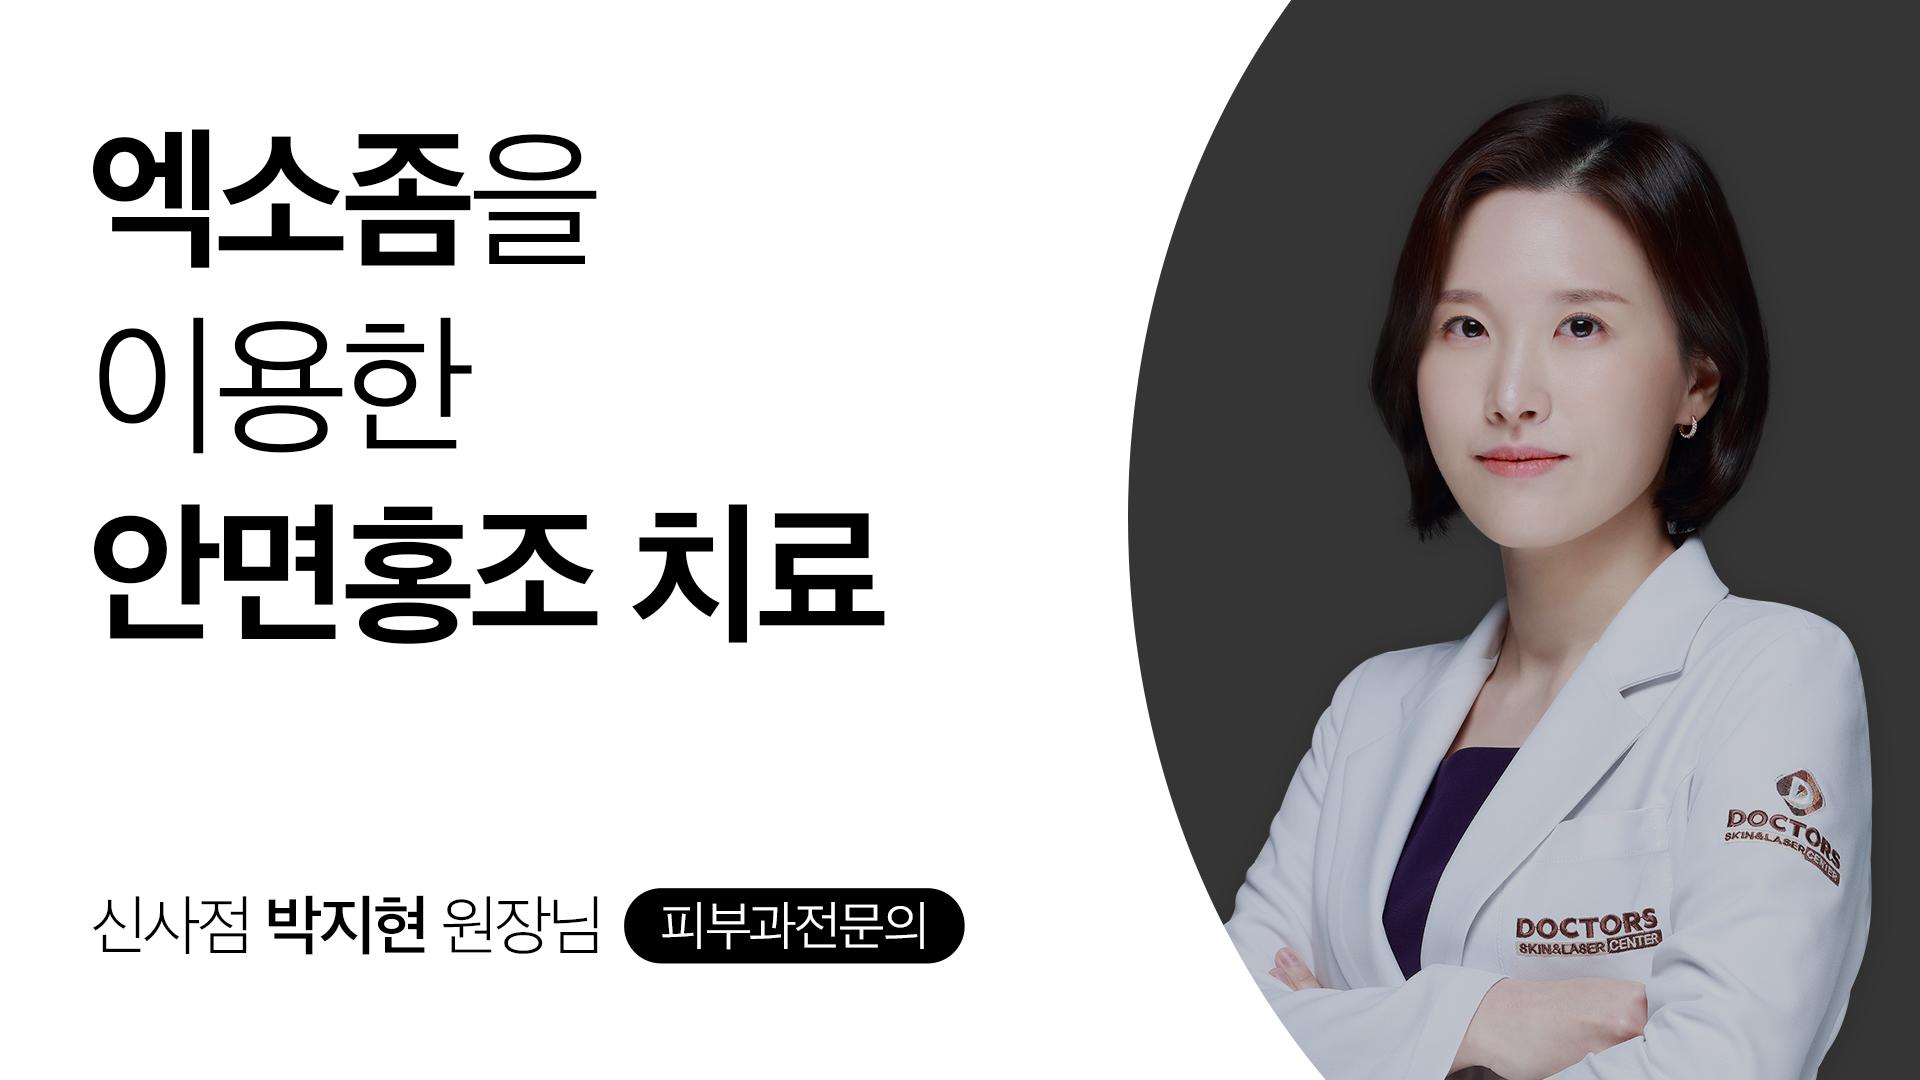 엑소좀을 이용한 안면홍조 치료